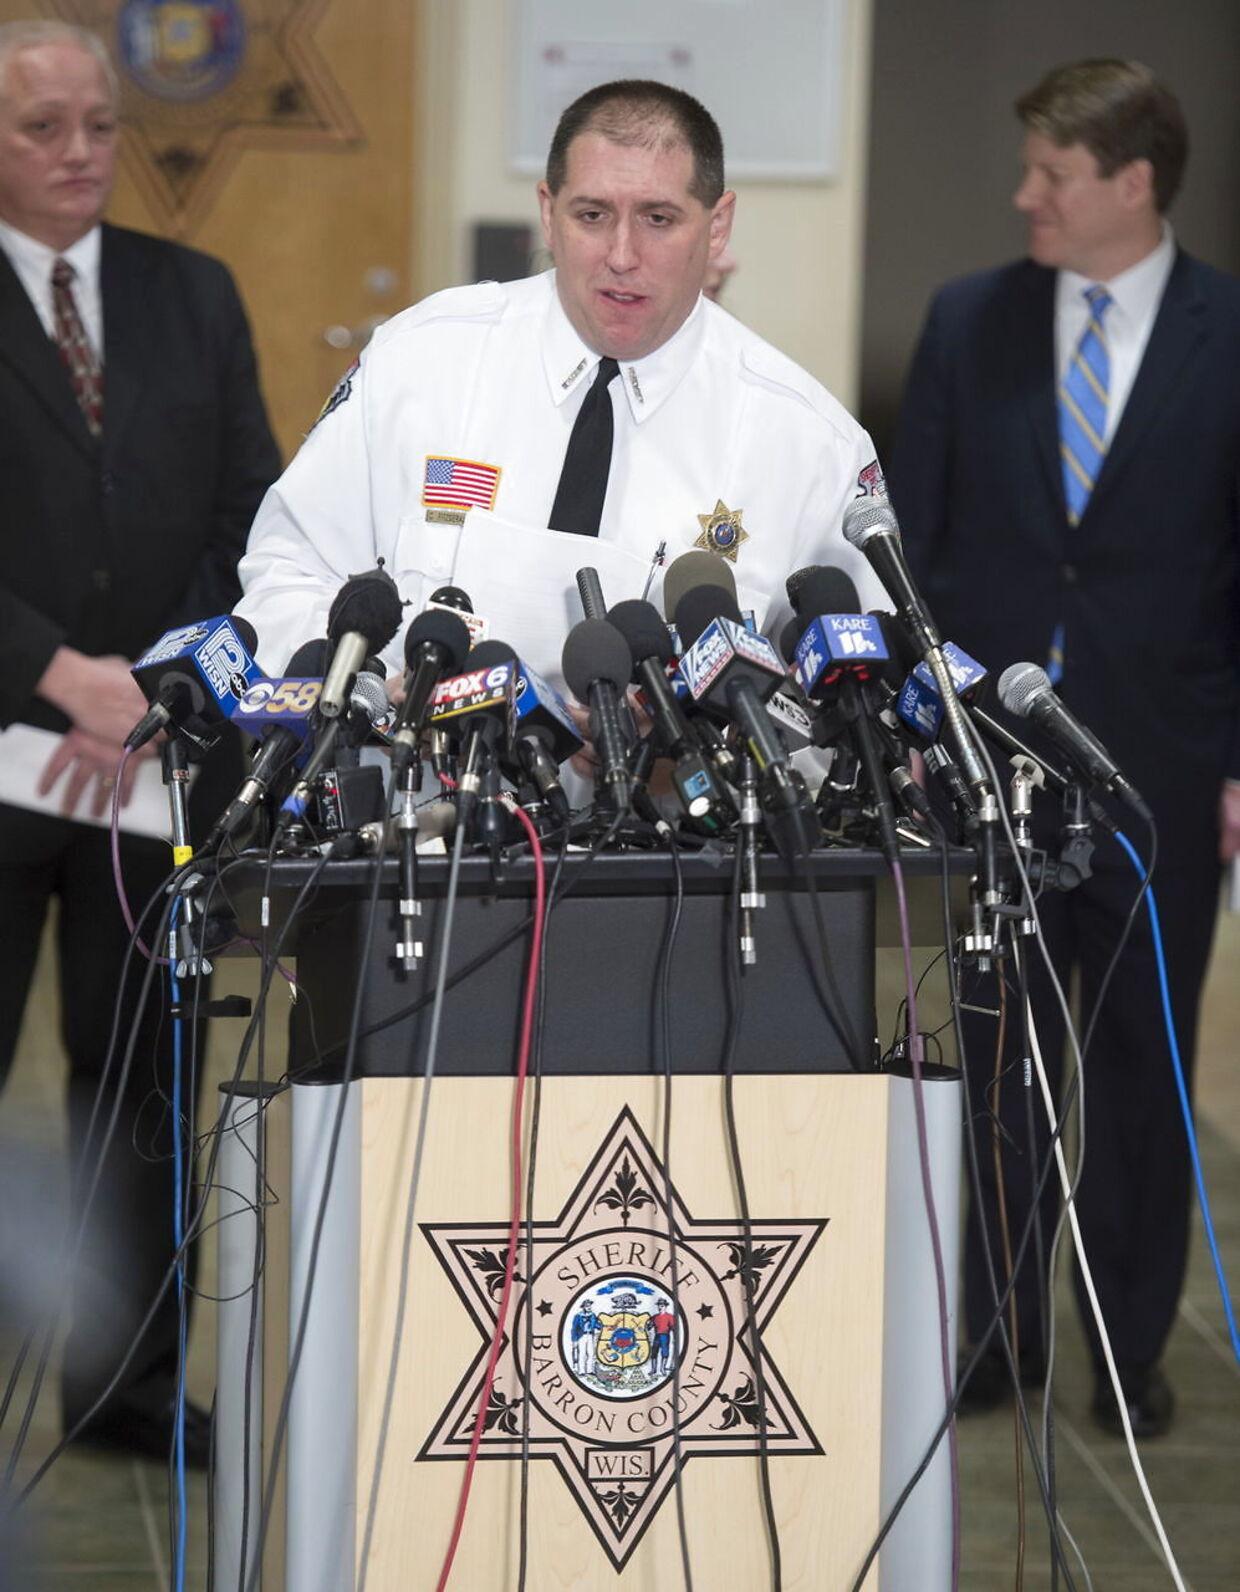 »Han er bevidst gået efter pigen,« fortalte sherif Chris Fitzgerald på et pressemøde fredag, efter 21-årige Jake Thomas Patterson er blevet anholdt og sigtet for at kidnappe 13-årige Jayme Closs og dræbe hendes forældre.